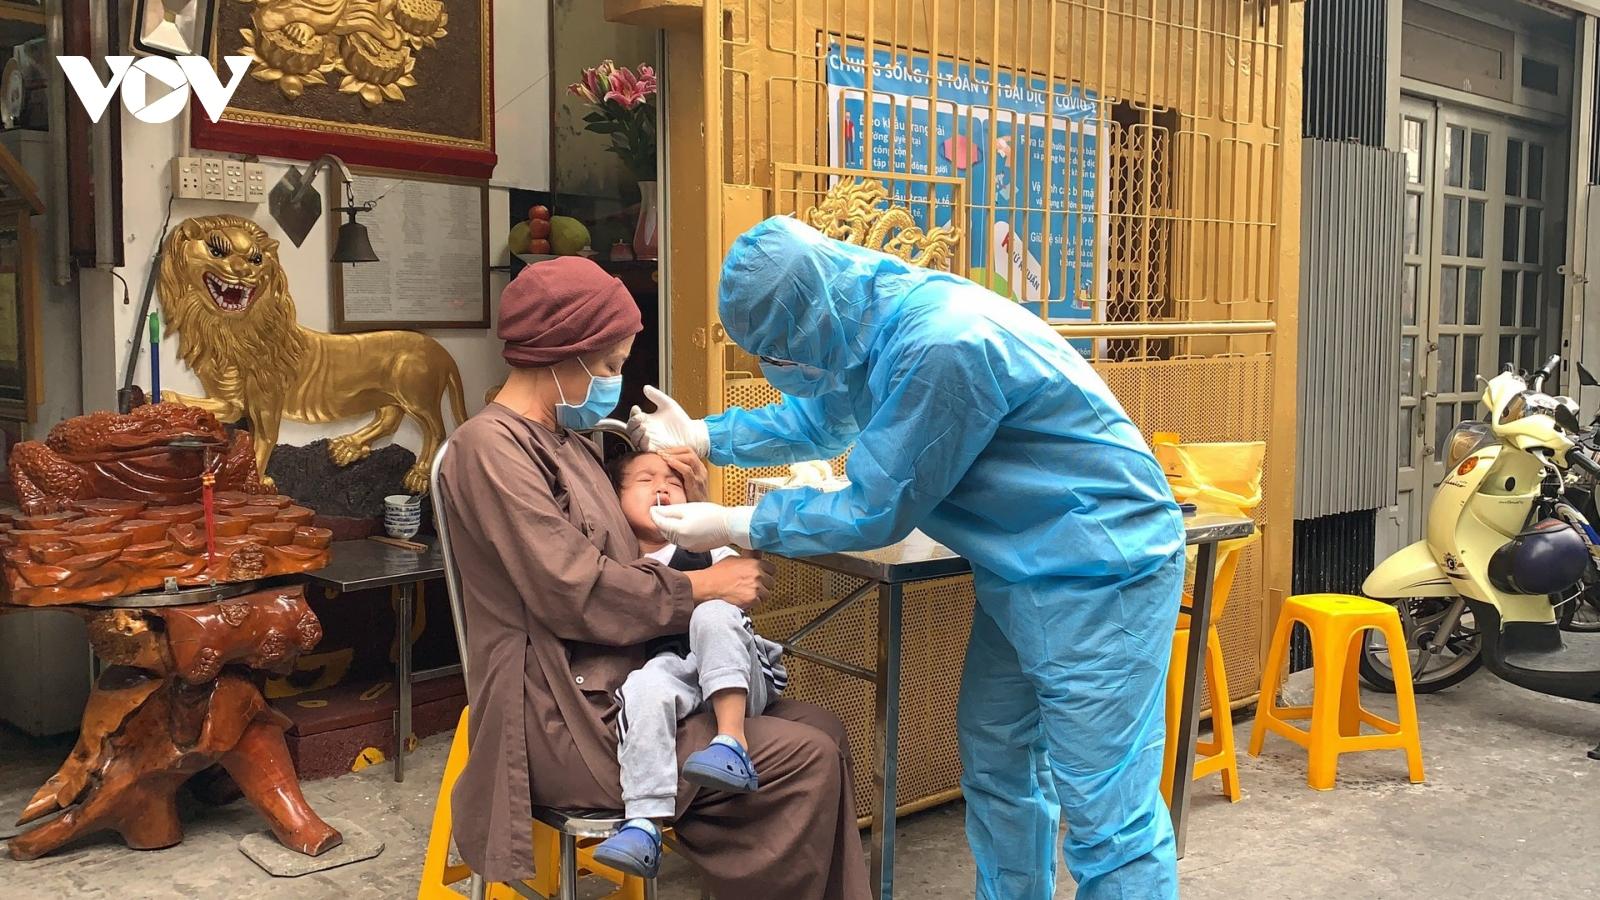 TP HCM tăng cường giám sát công tác phòng chống dịch Covid-19 ở cơ sở tôn giáo